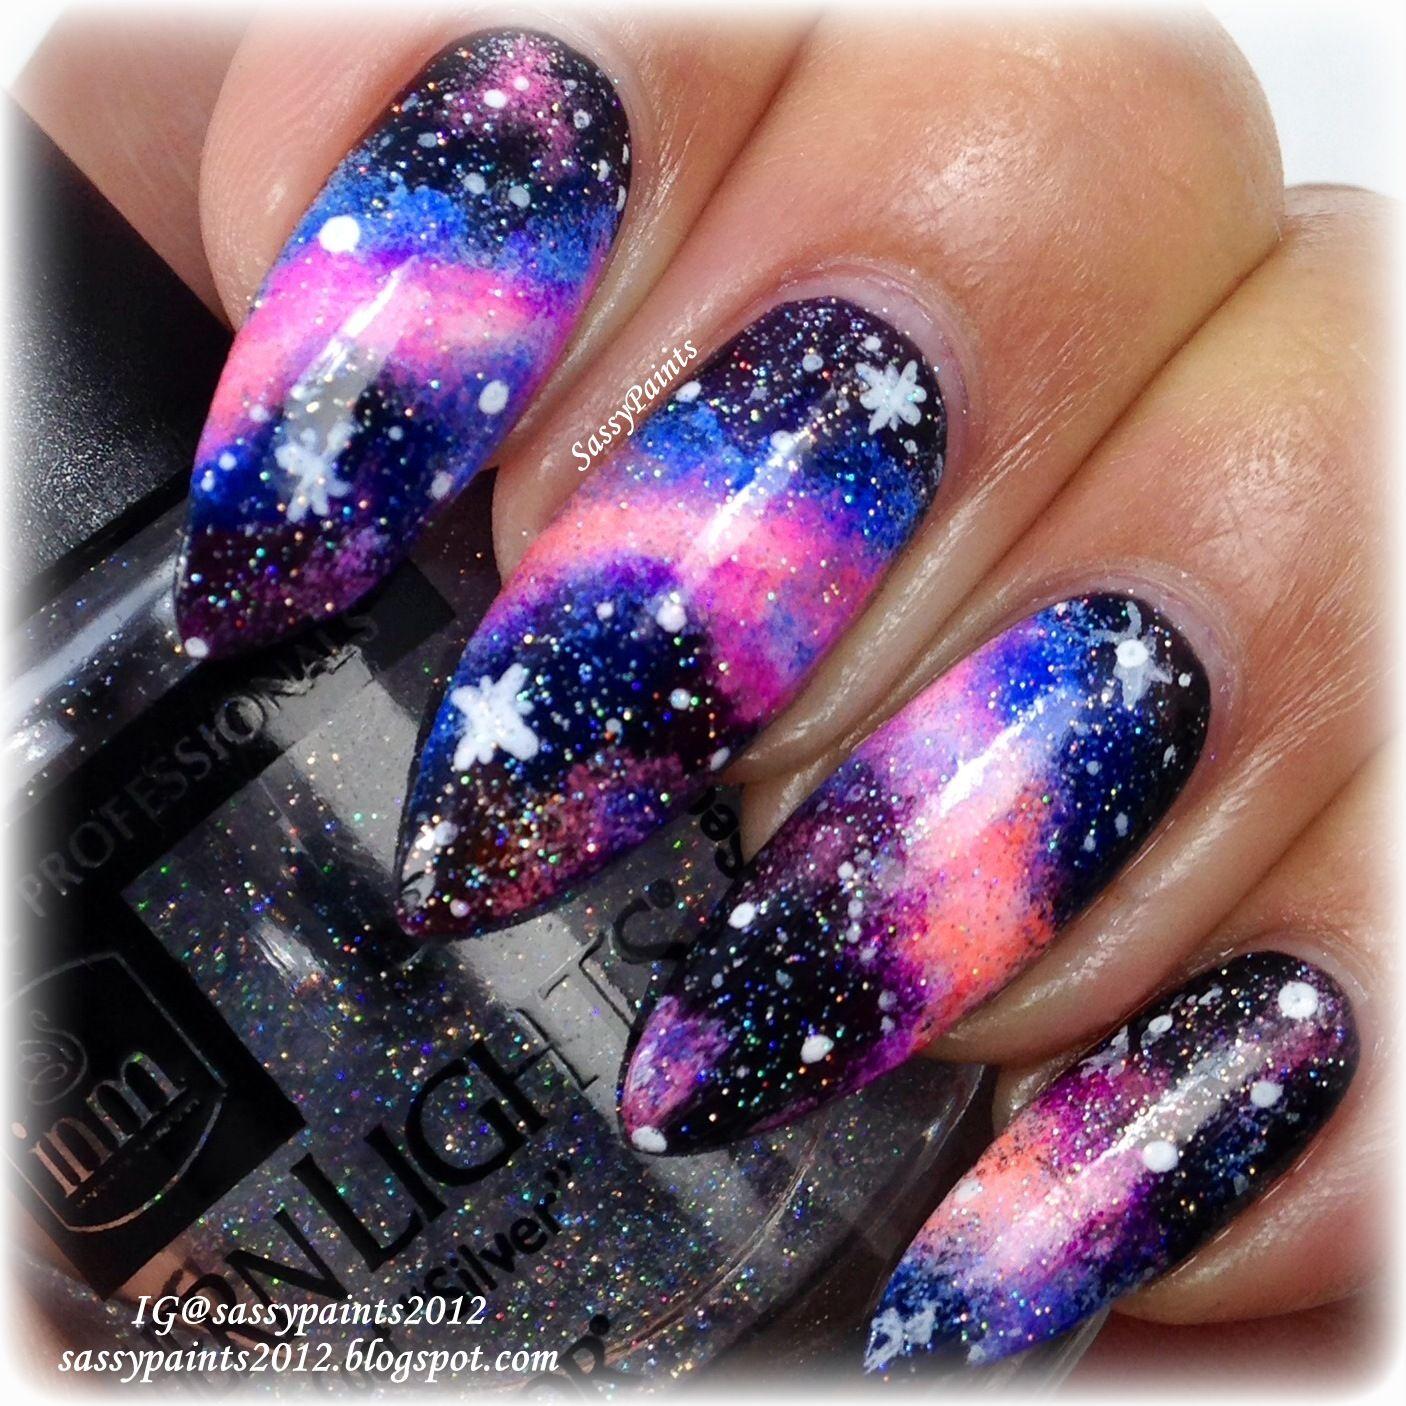 Galaxy Nail Polish Design: Sassy Paints: Galaxy Nails